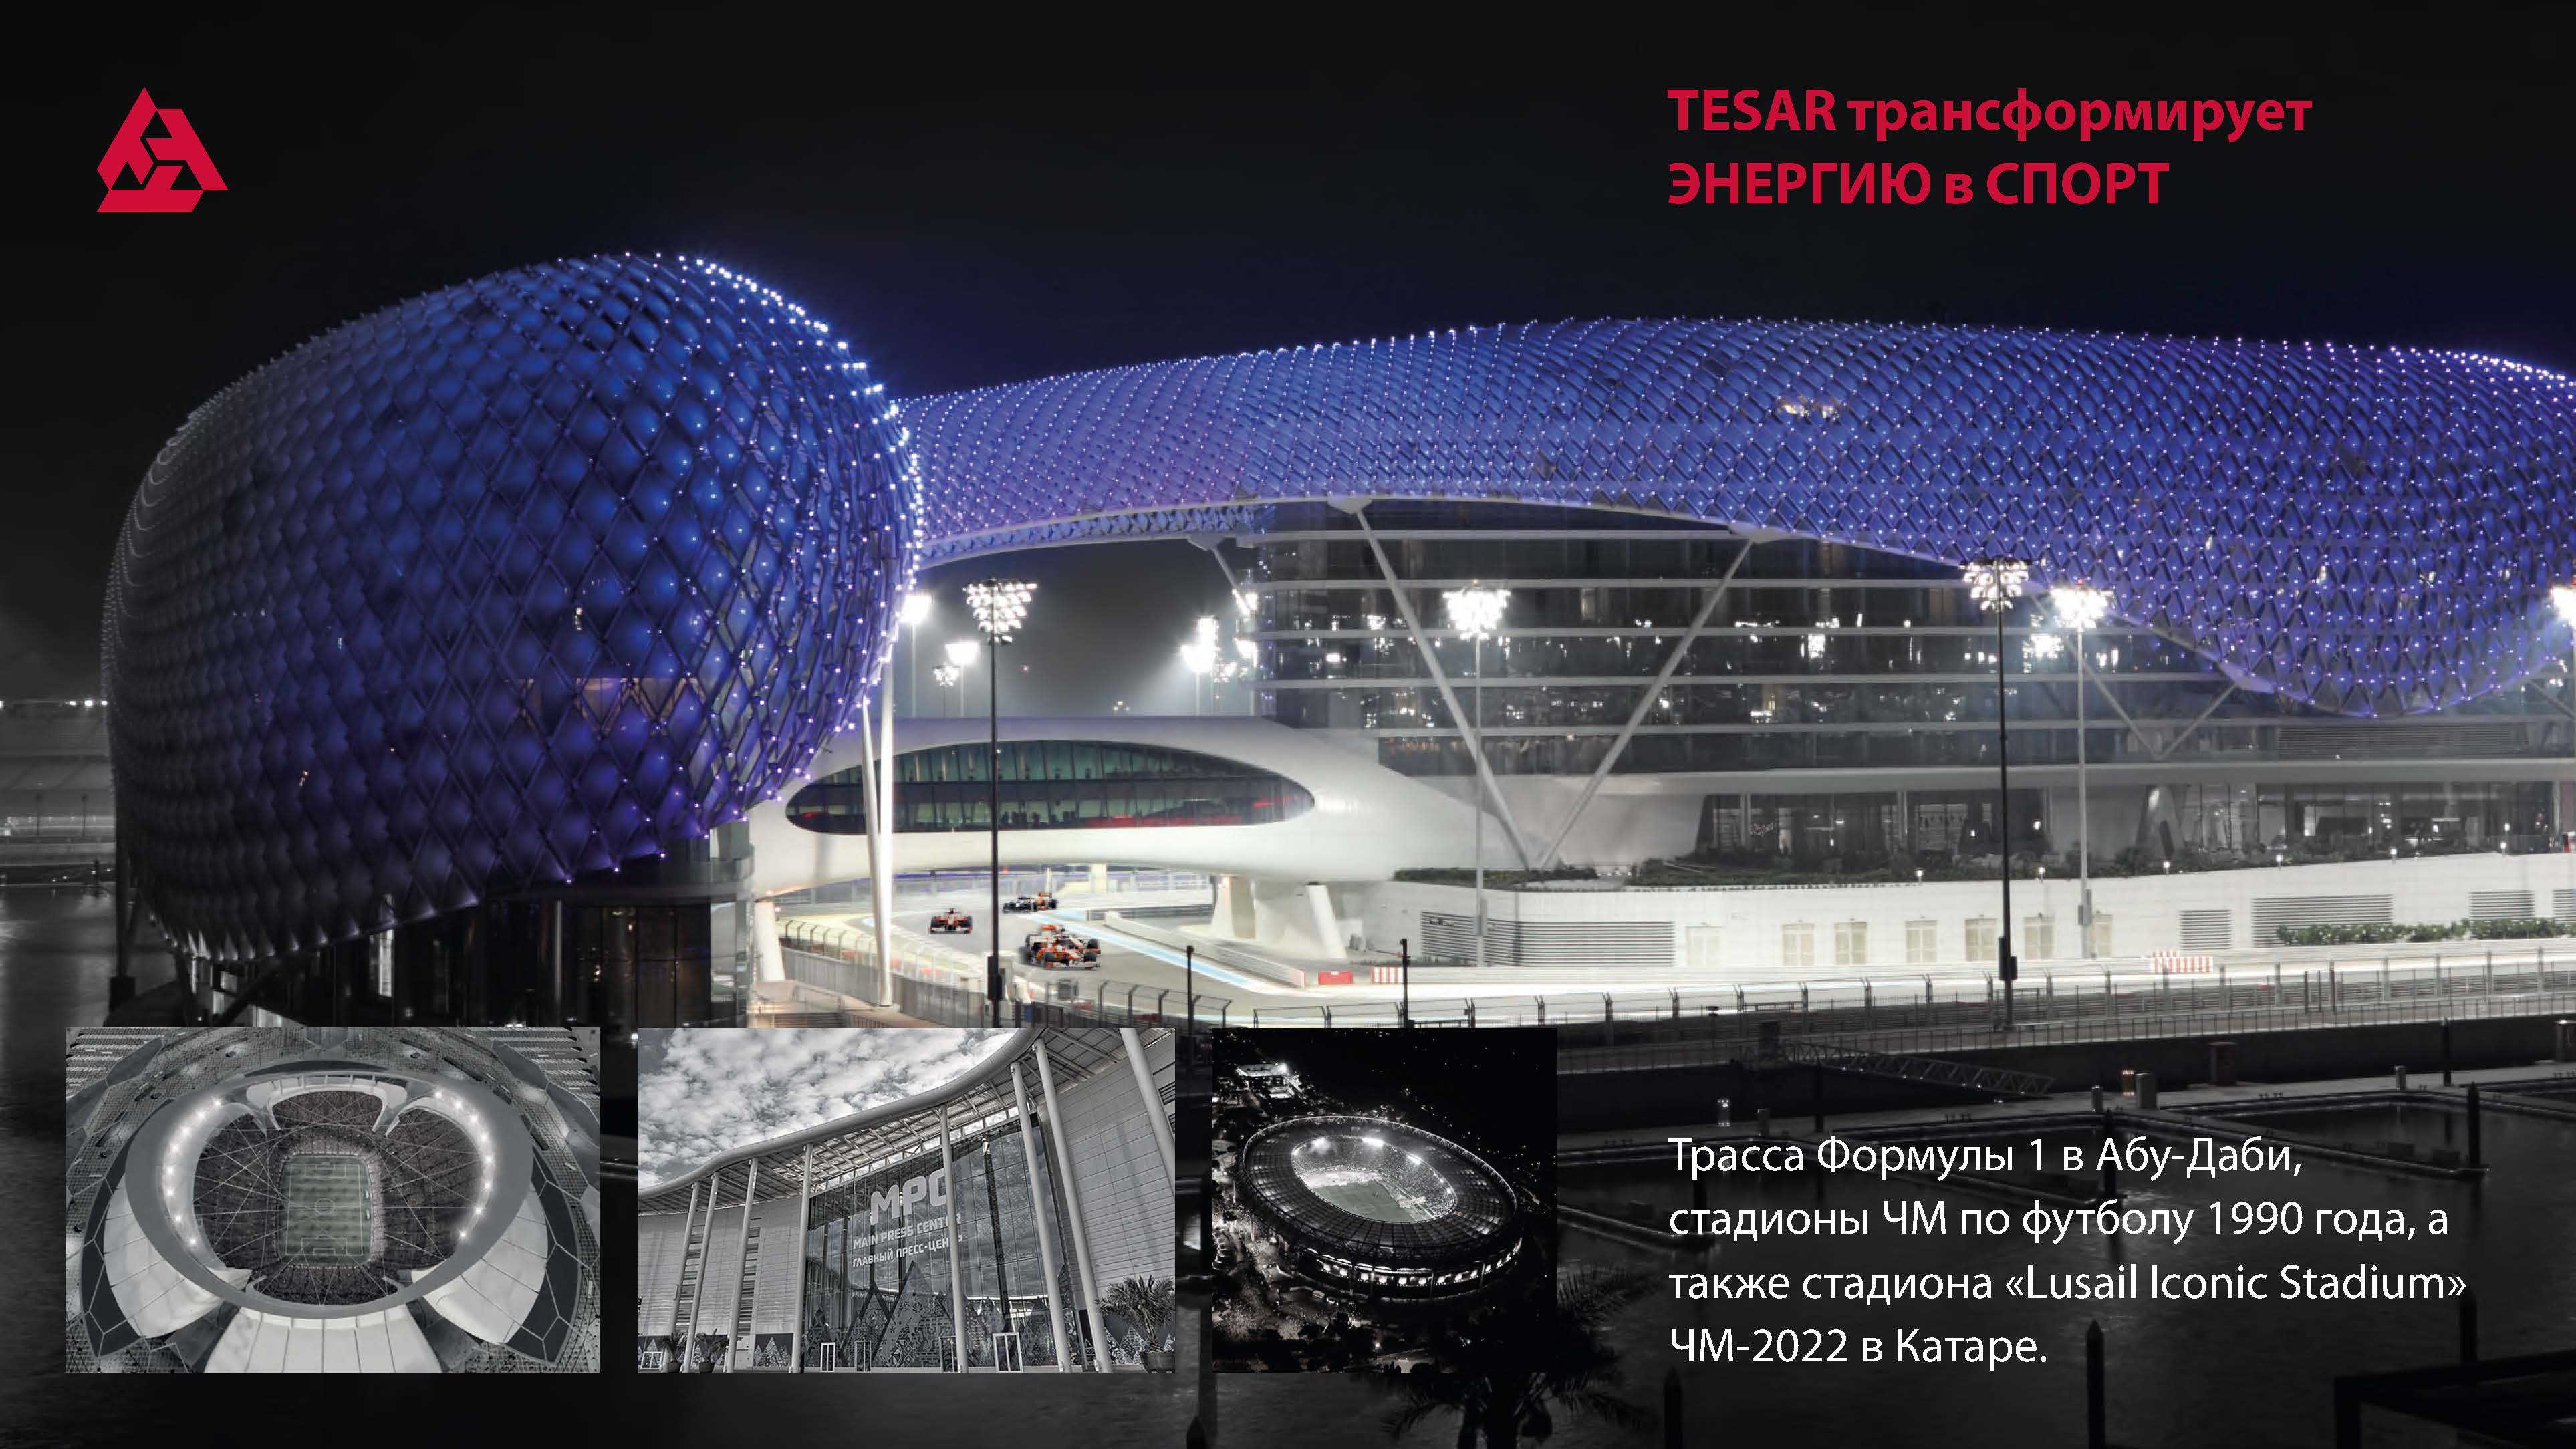 Tesar трансформирует энергию в спорт